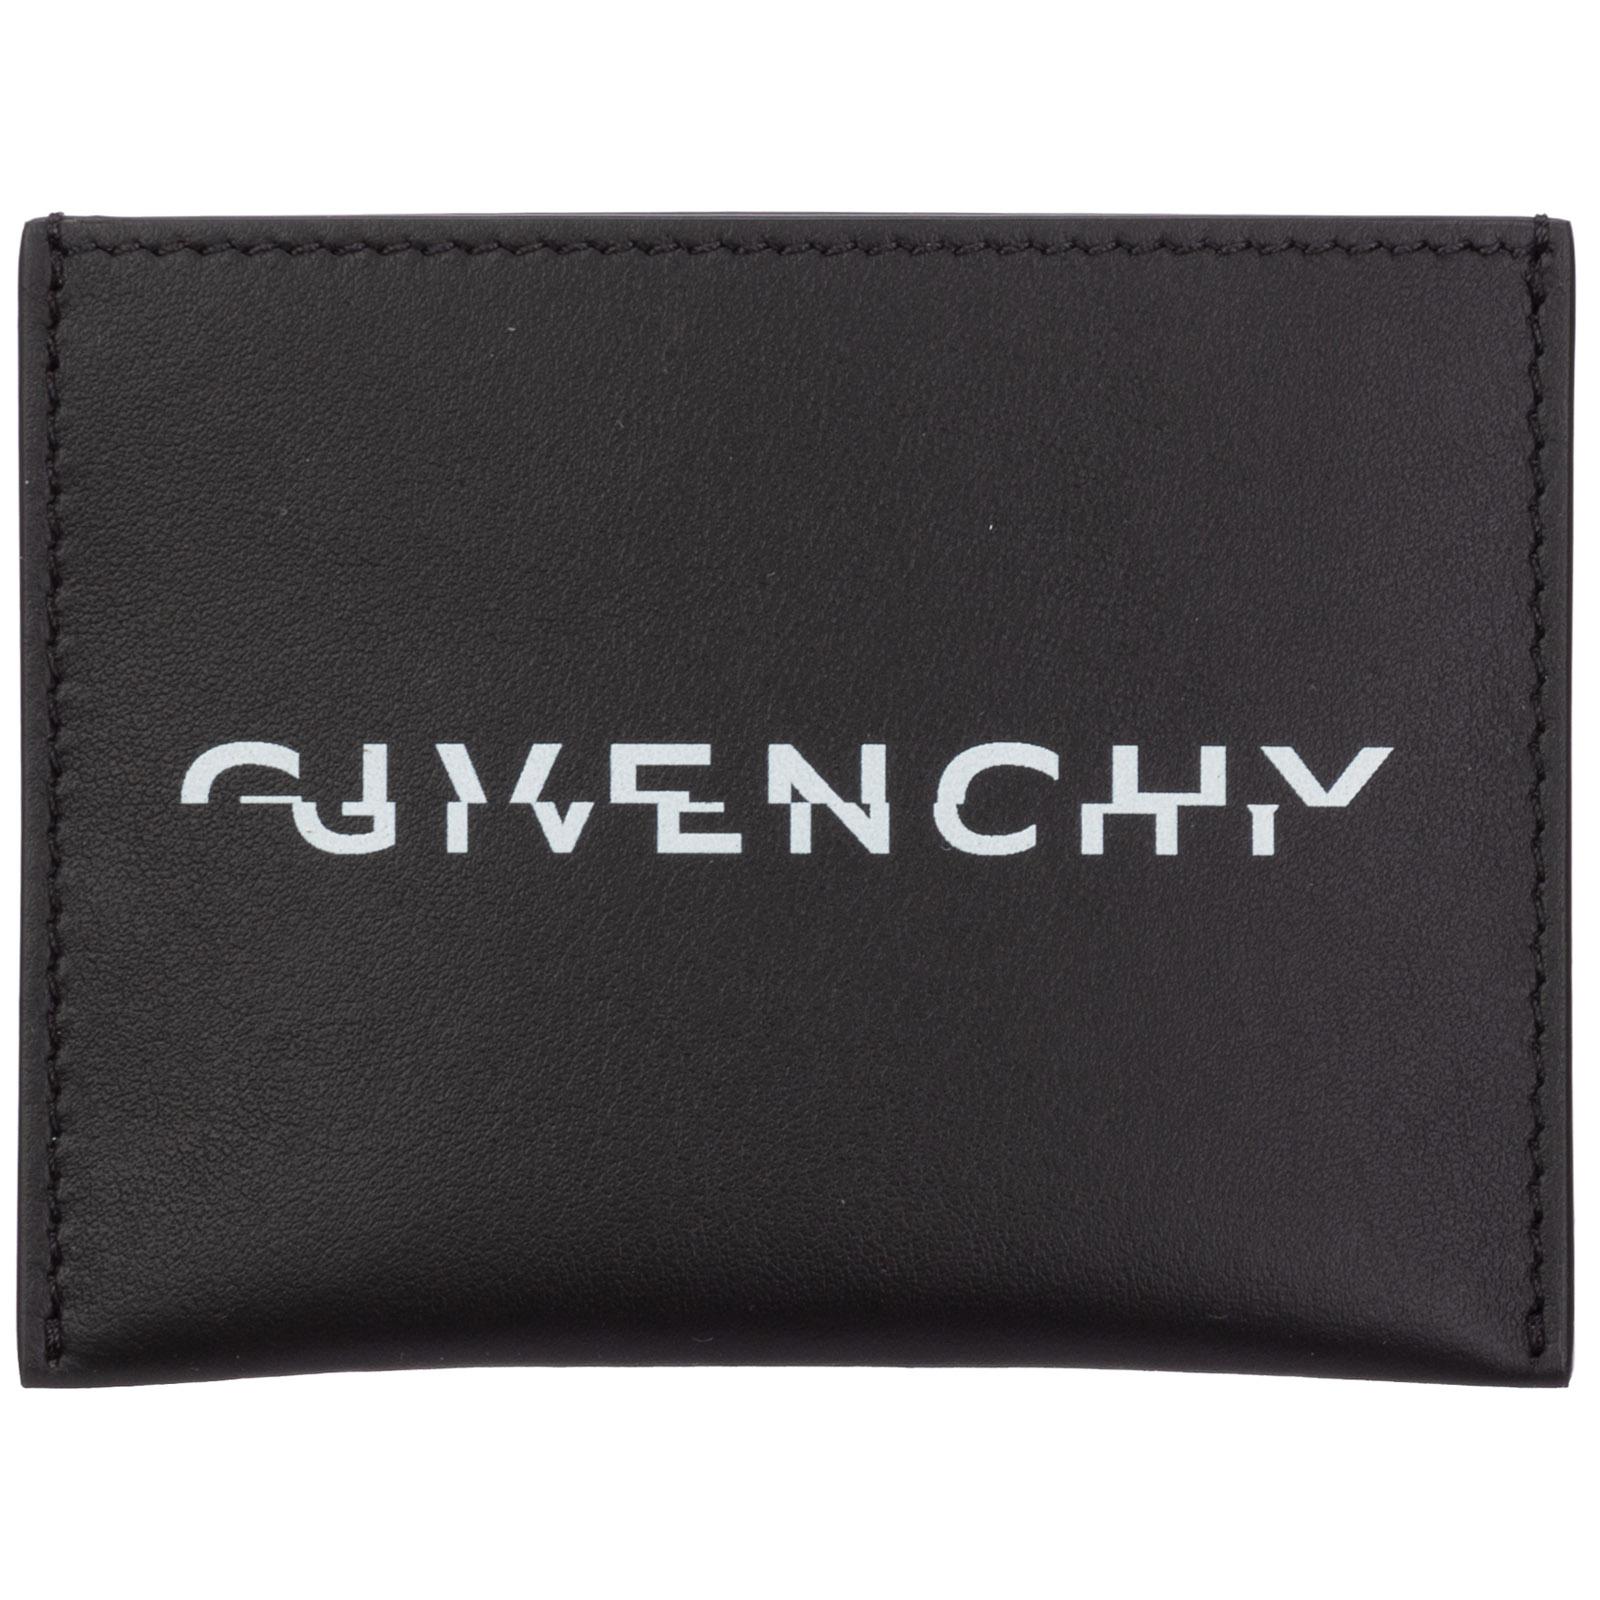 Givenchy Men's Genuine Leather Credit Card Case Holder Wallet Split In Black